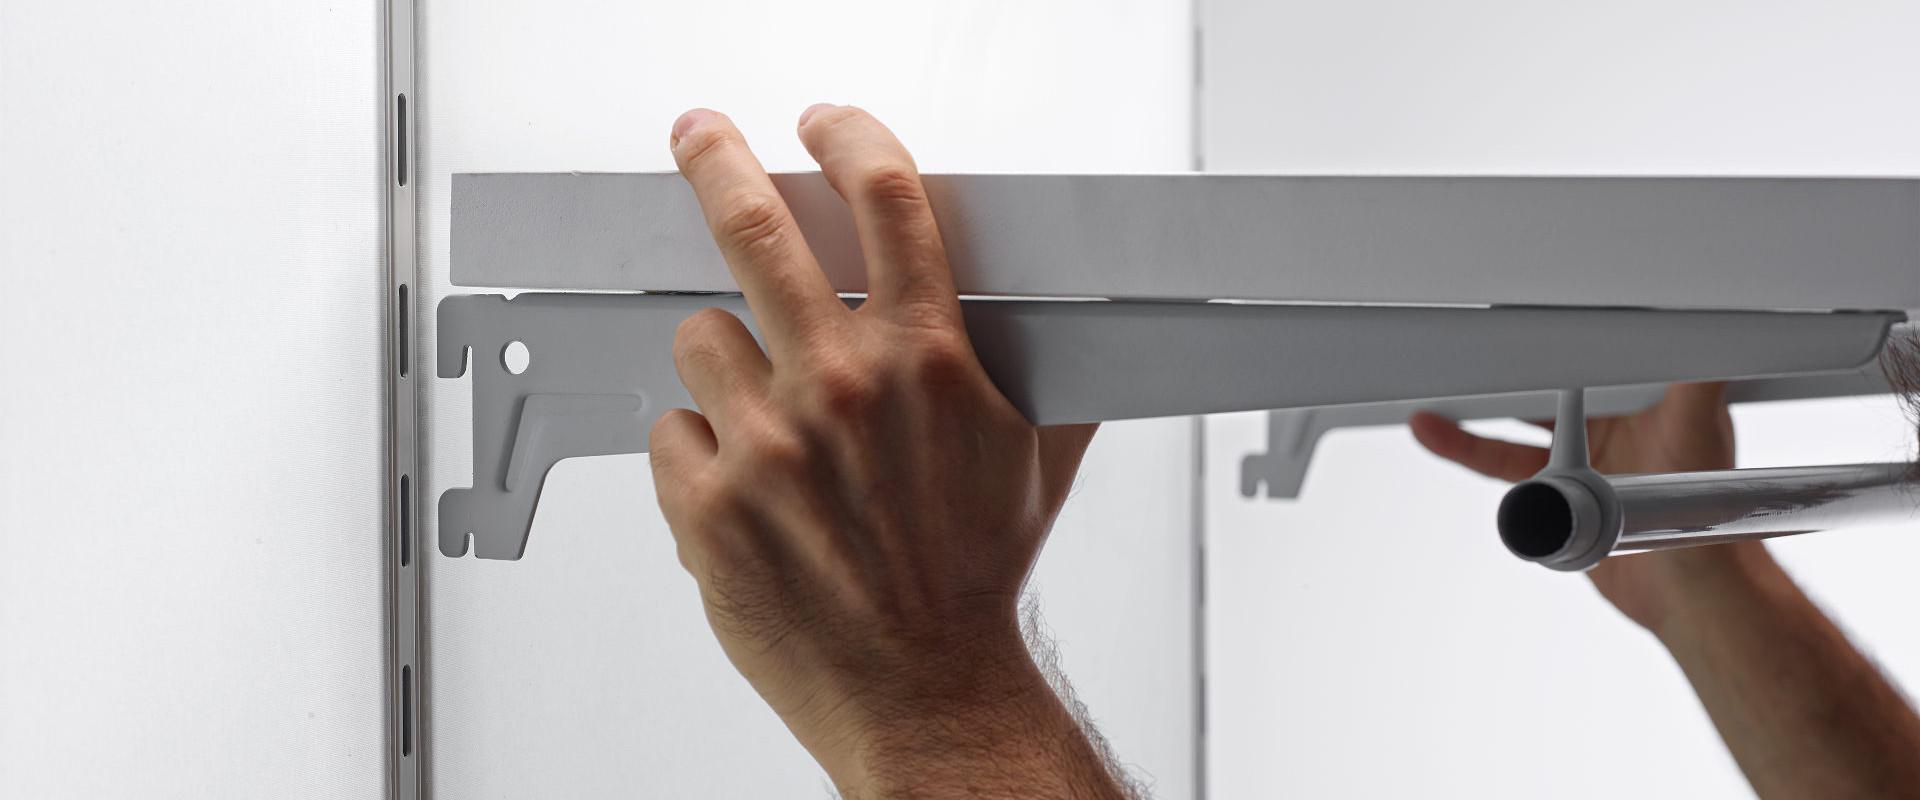 Slot frame walling system